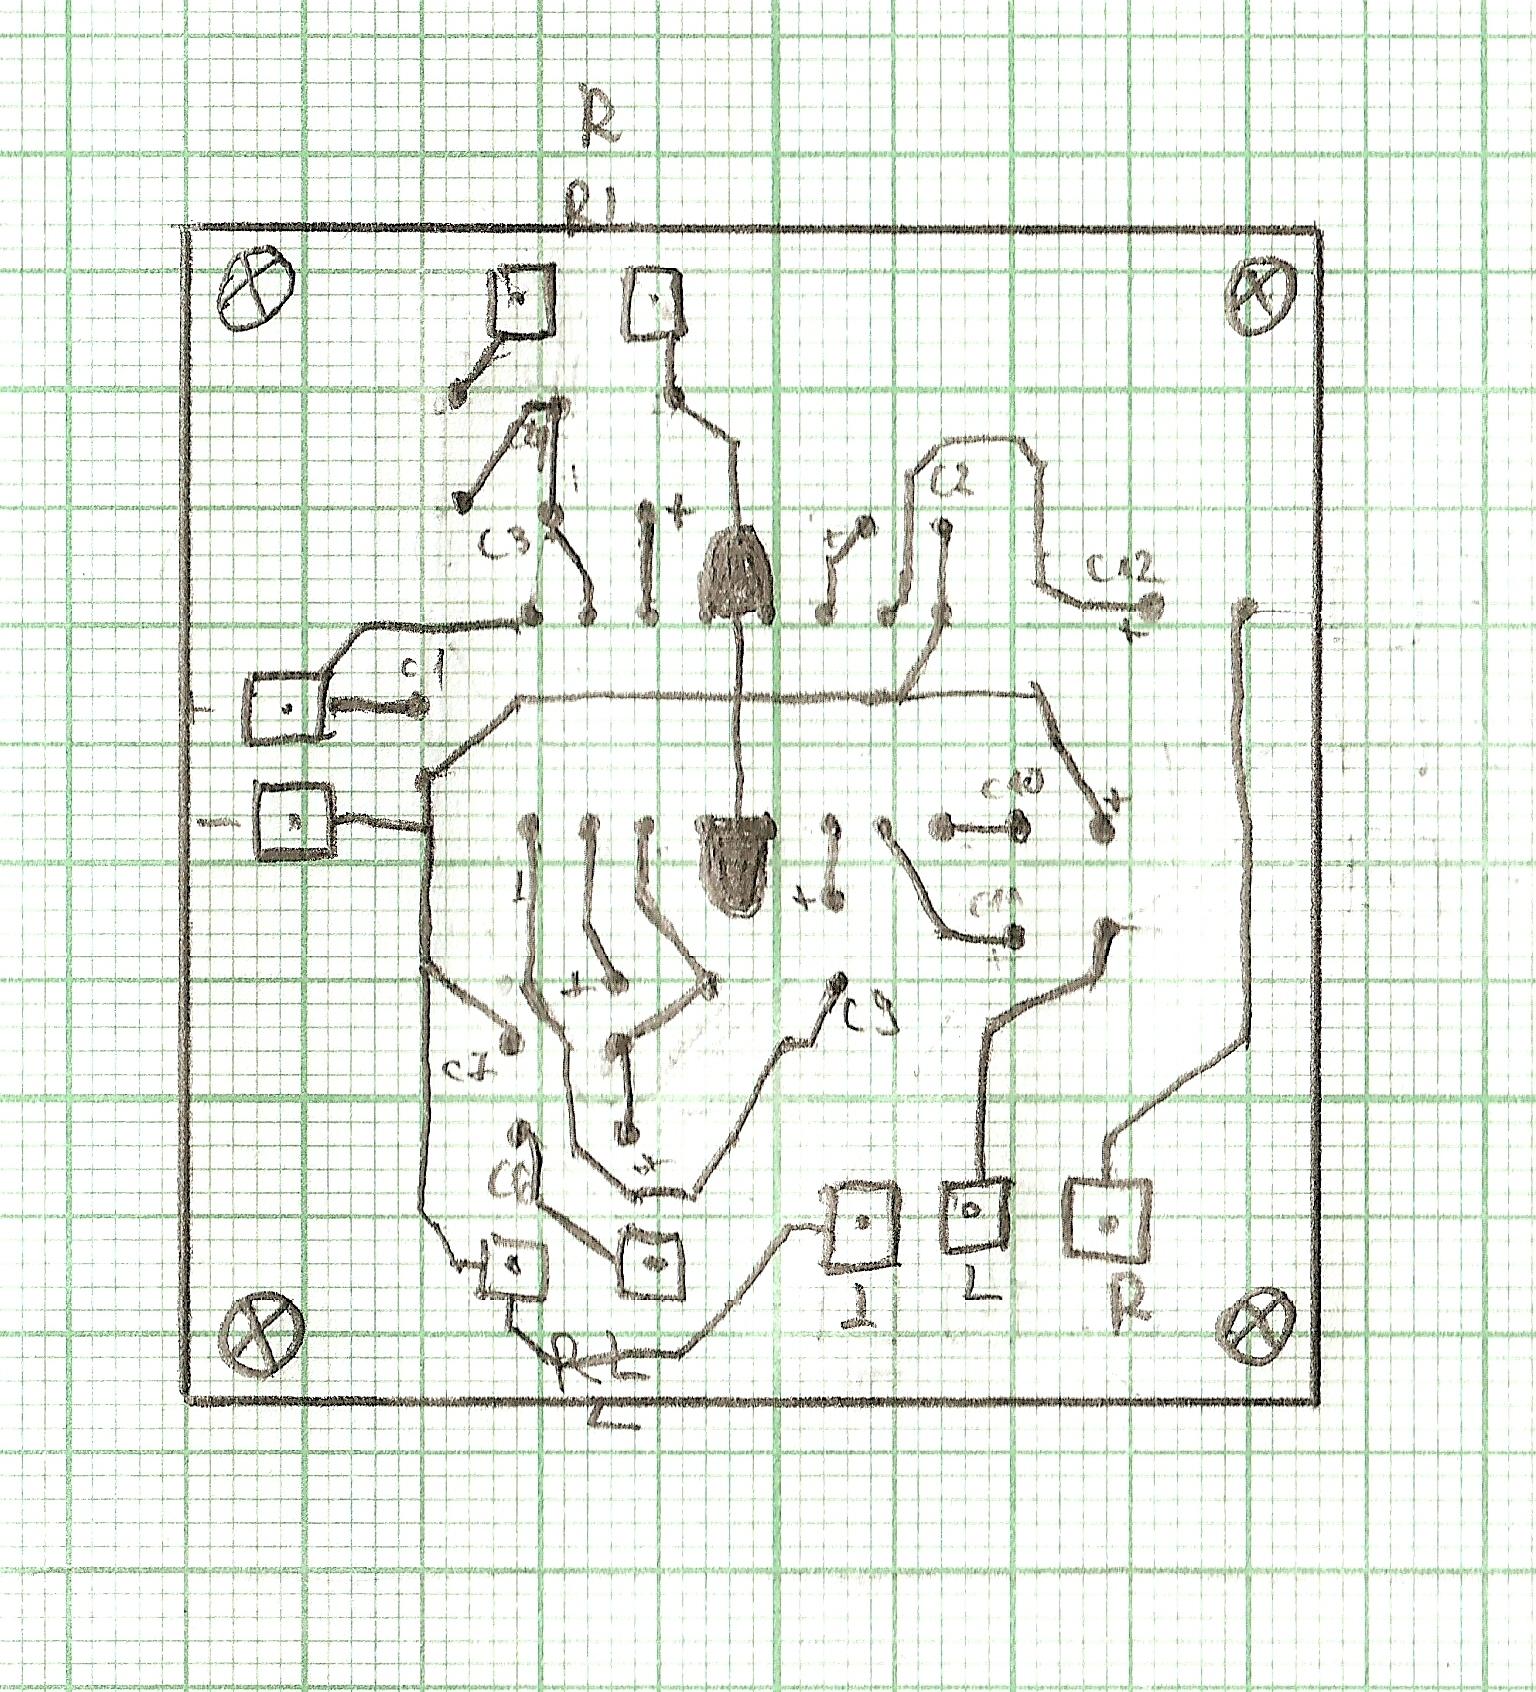 6v Images La4550 Audio Amplifier Circuit